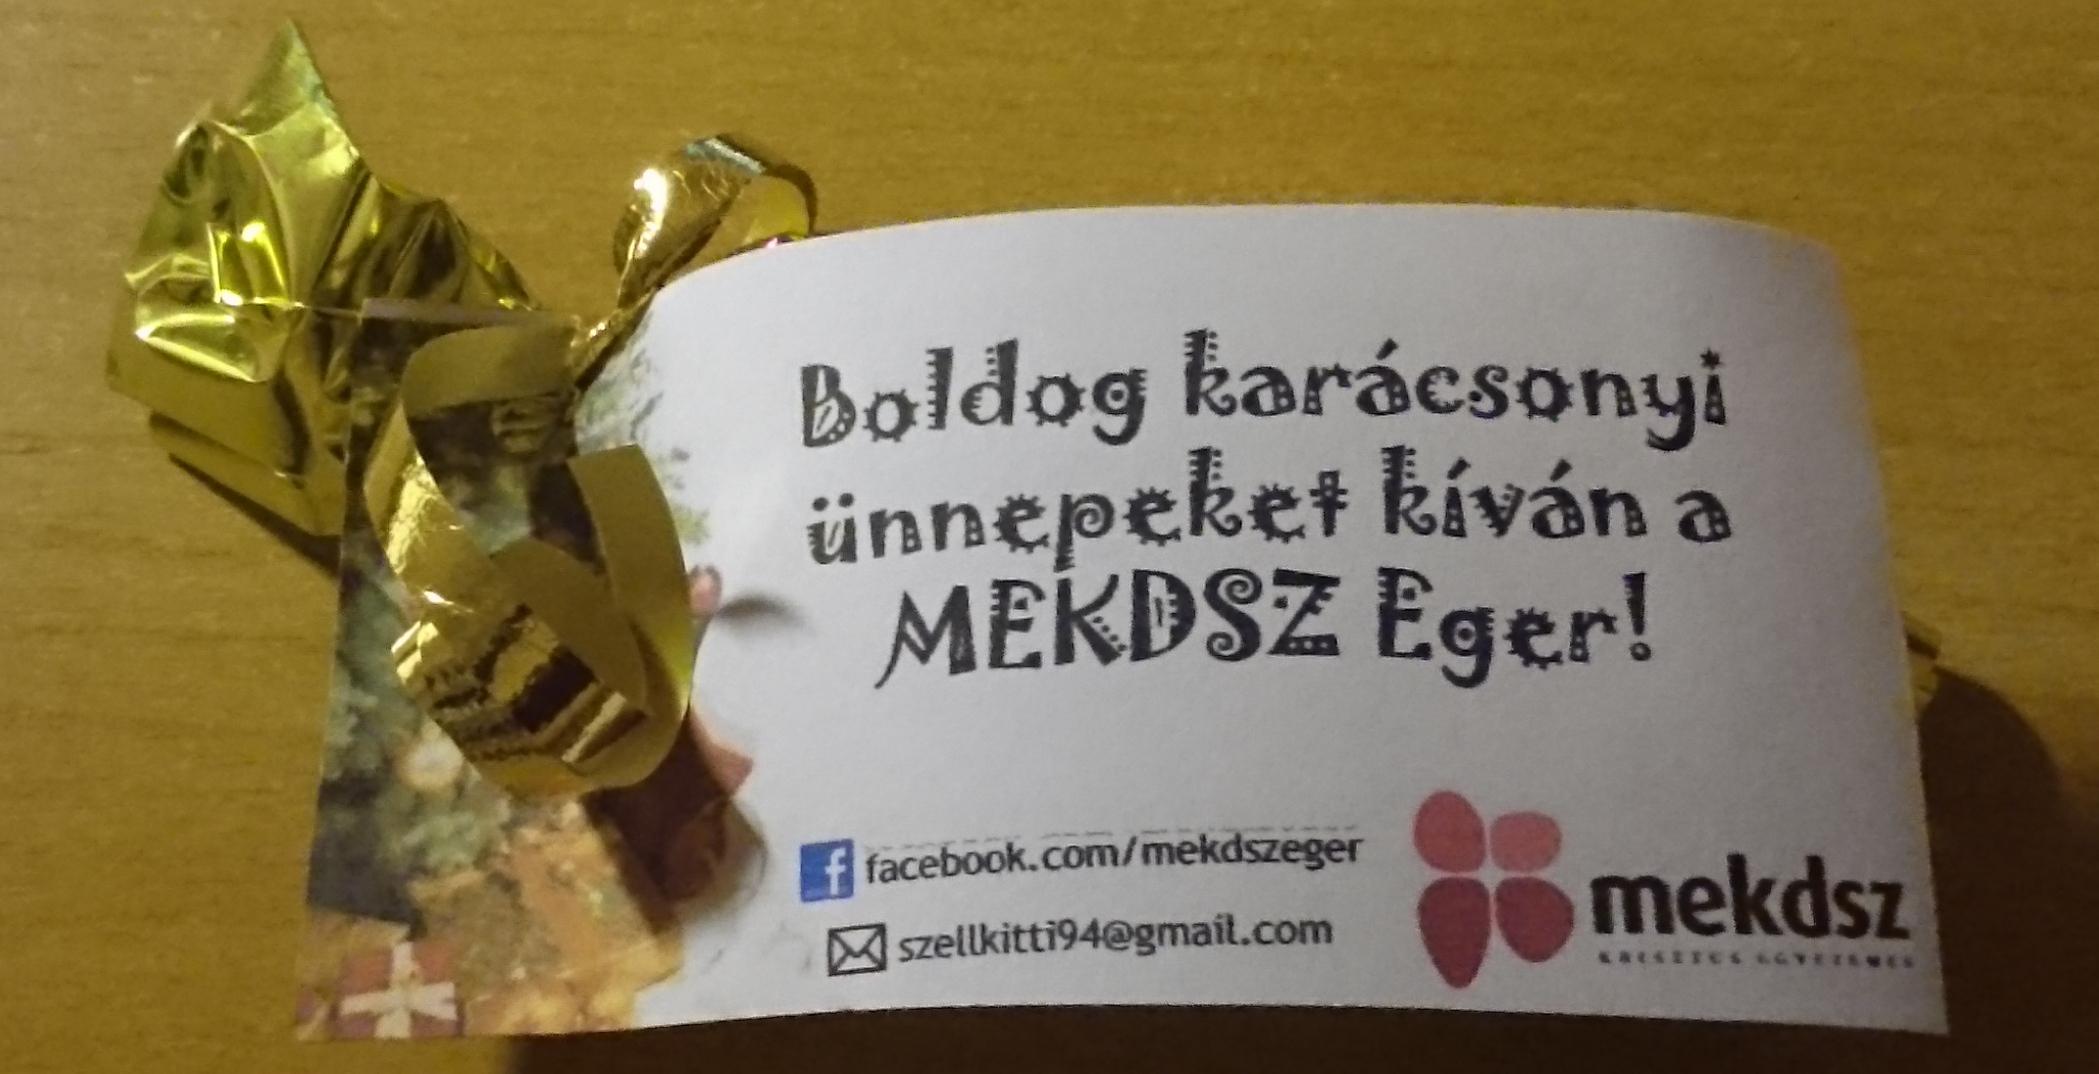 MEKDSz_Eger_szaloncuki